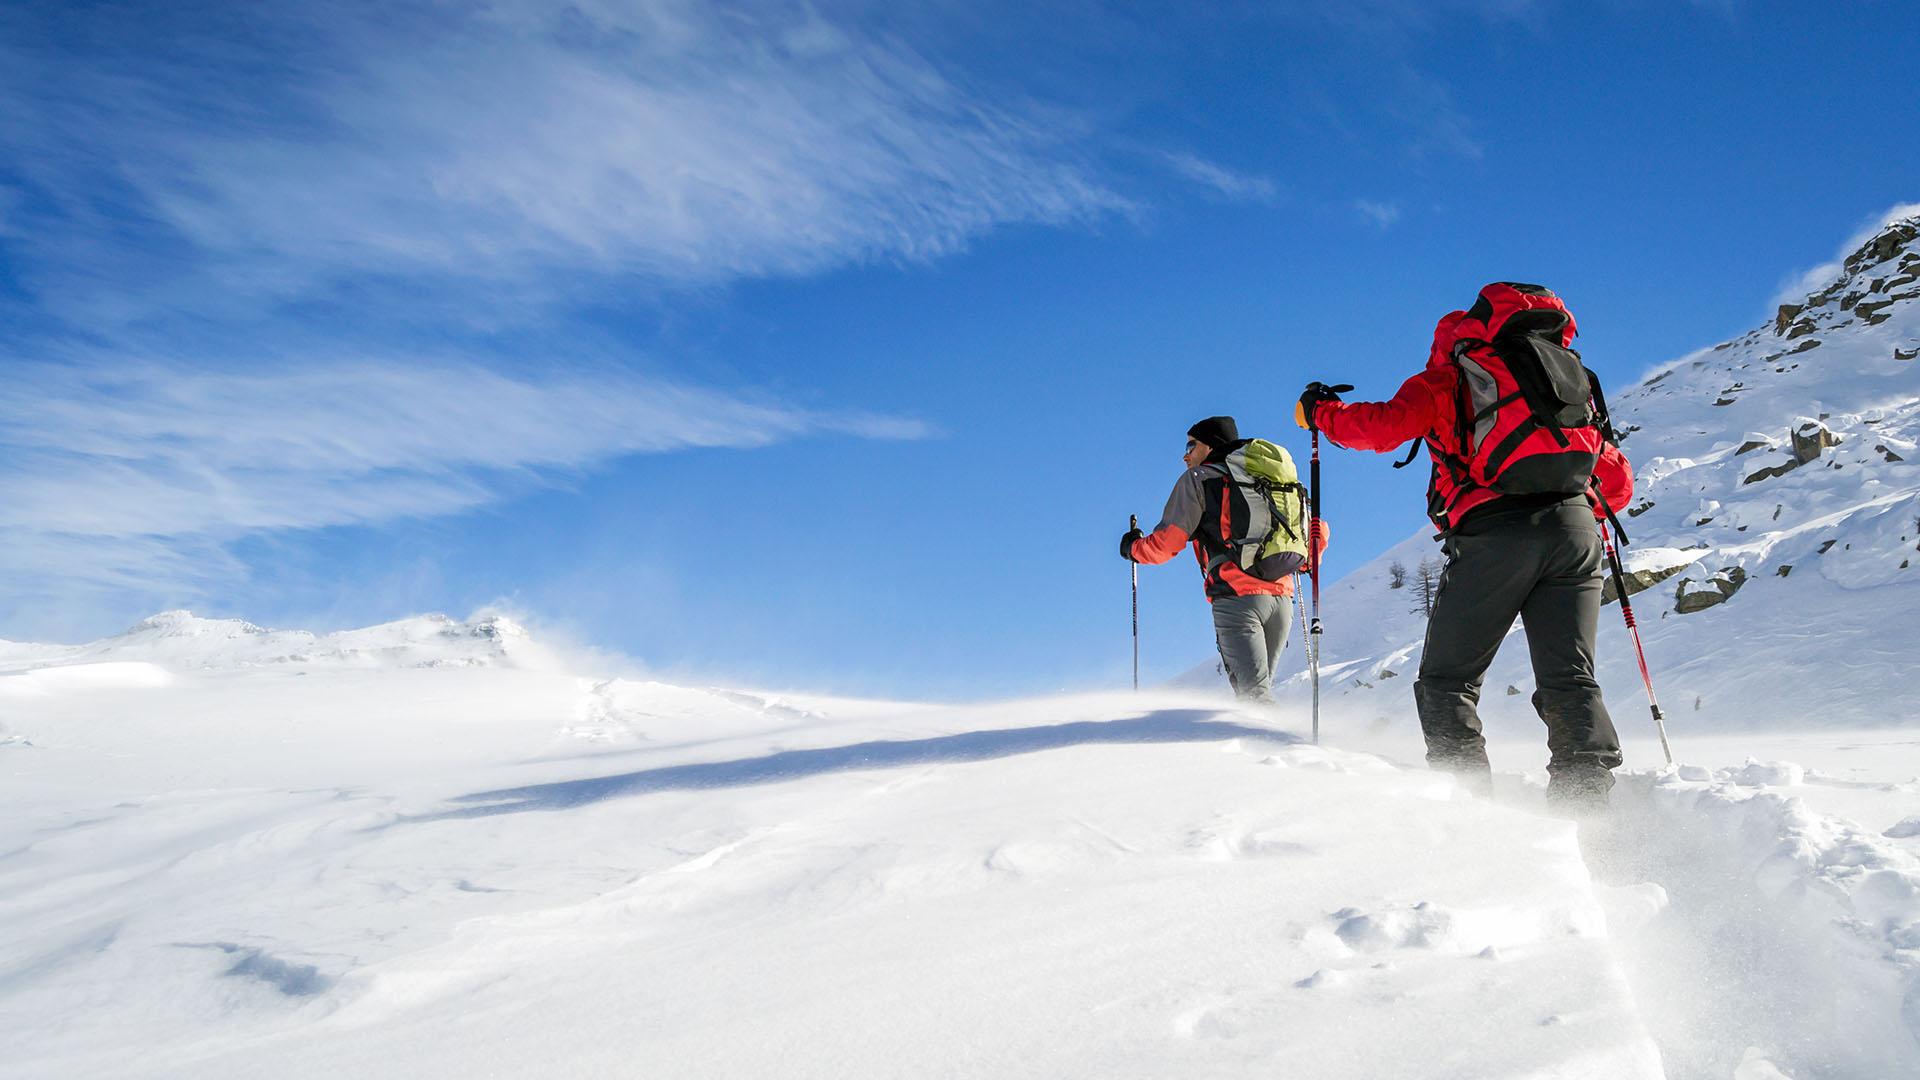 Ski Mountaineering - Austrian Alps